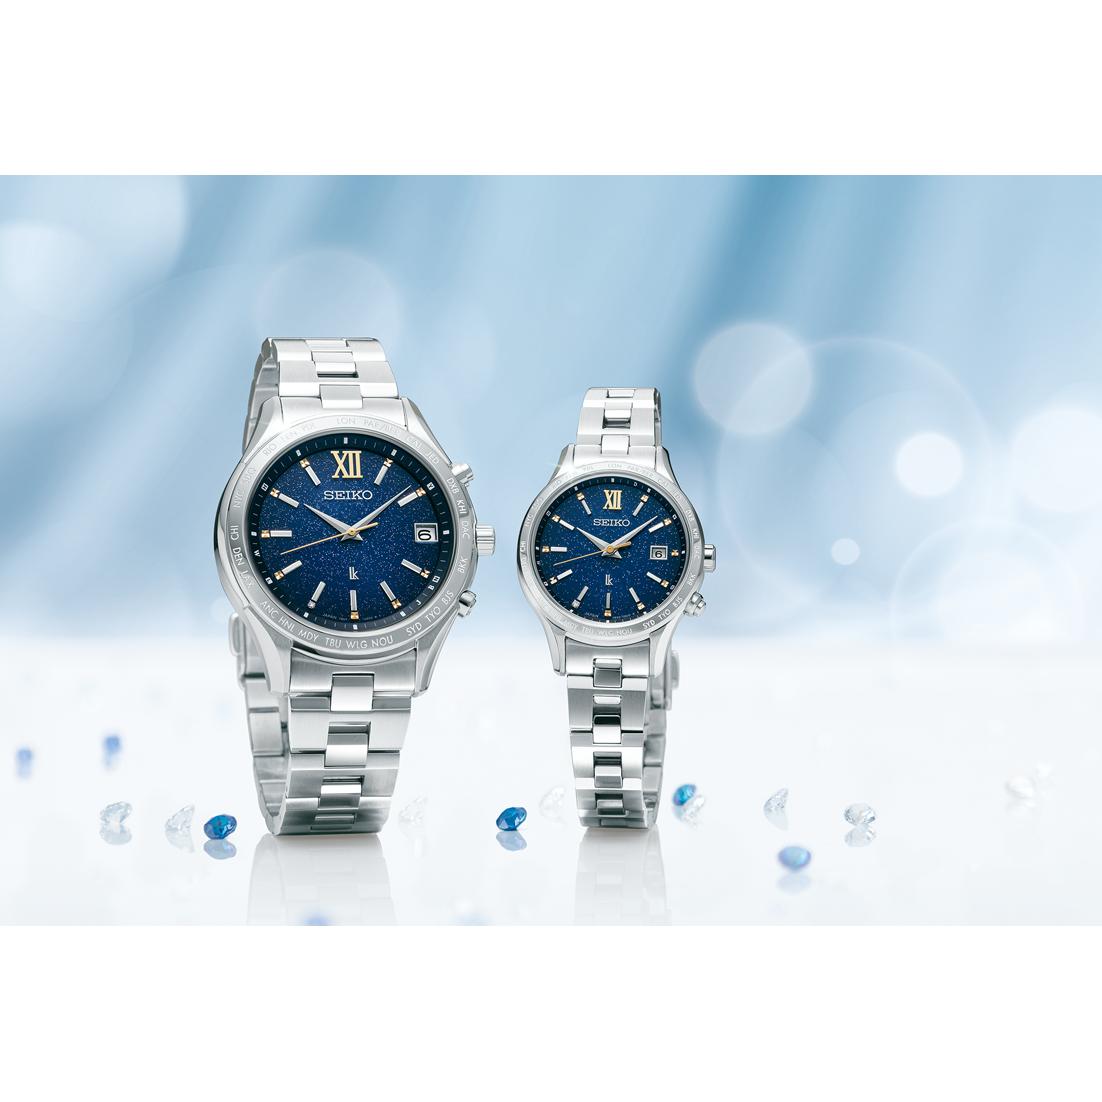 セイコー(SEIKO)ルキアの限定シリーズは数量限定の人気腕時計